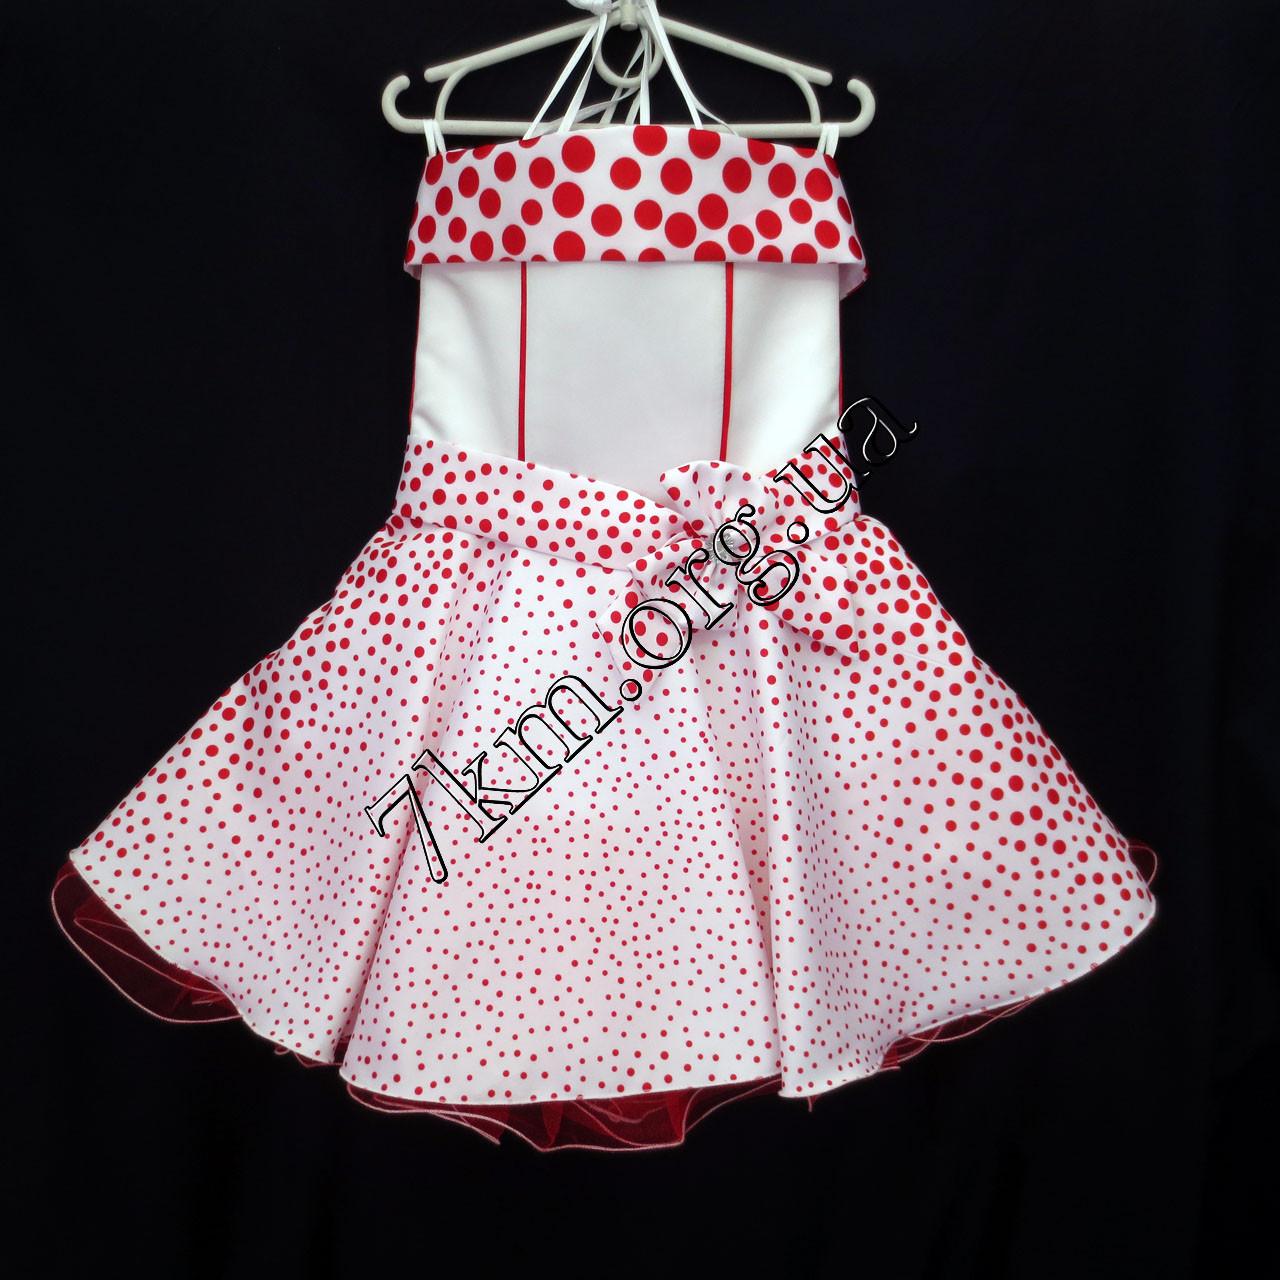 Платье нарядное бальное детское 6 лет Стиляга красный горох Украина оптом.